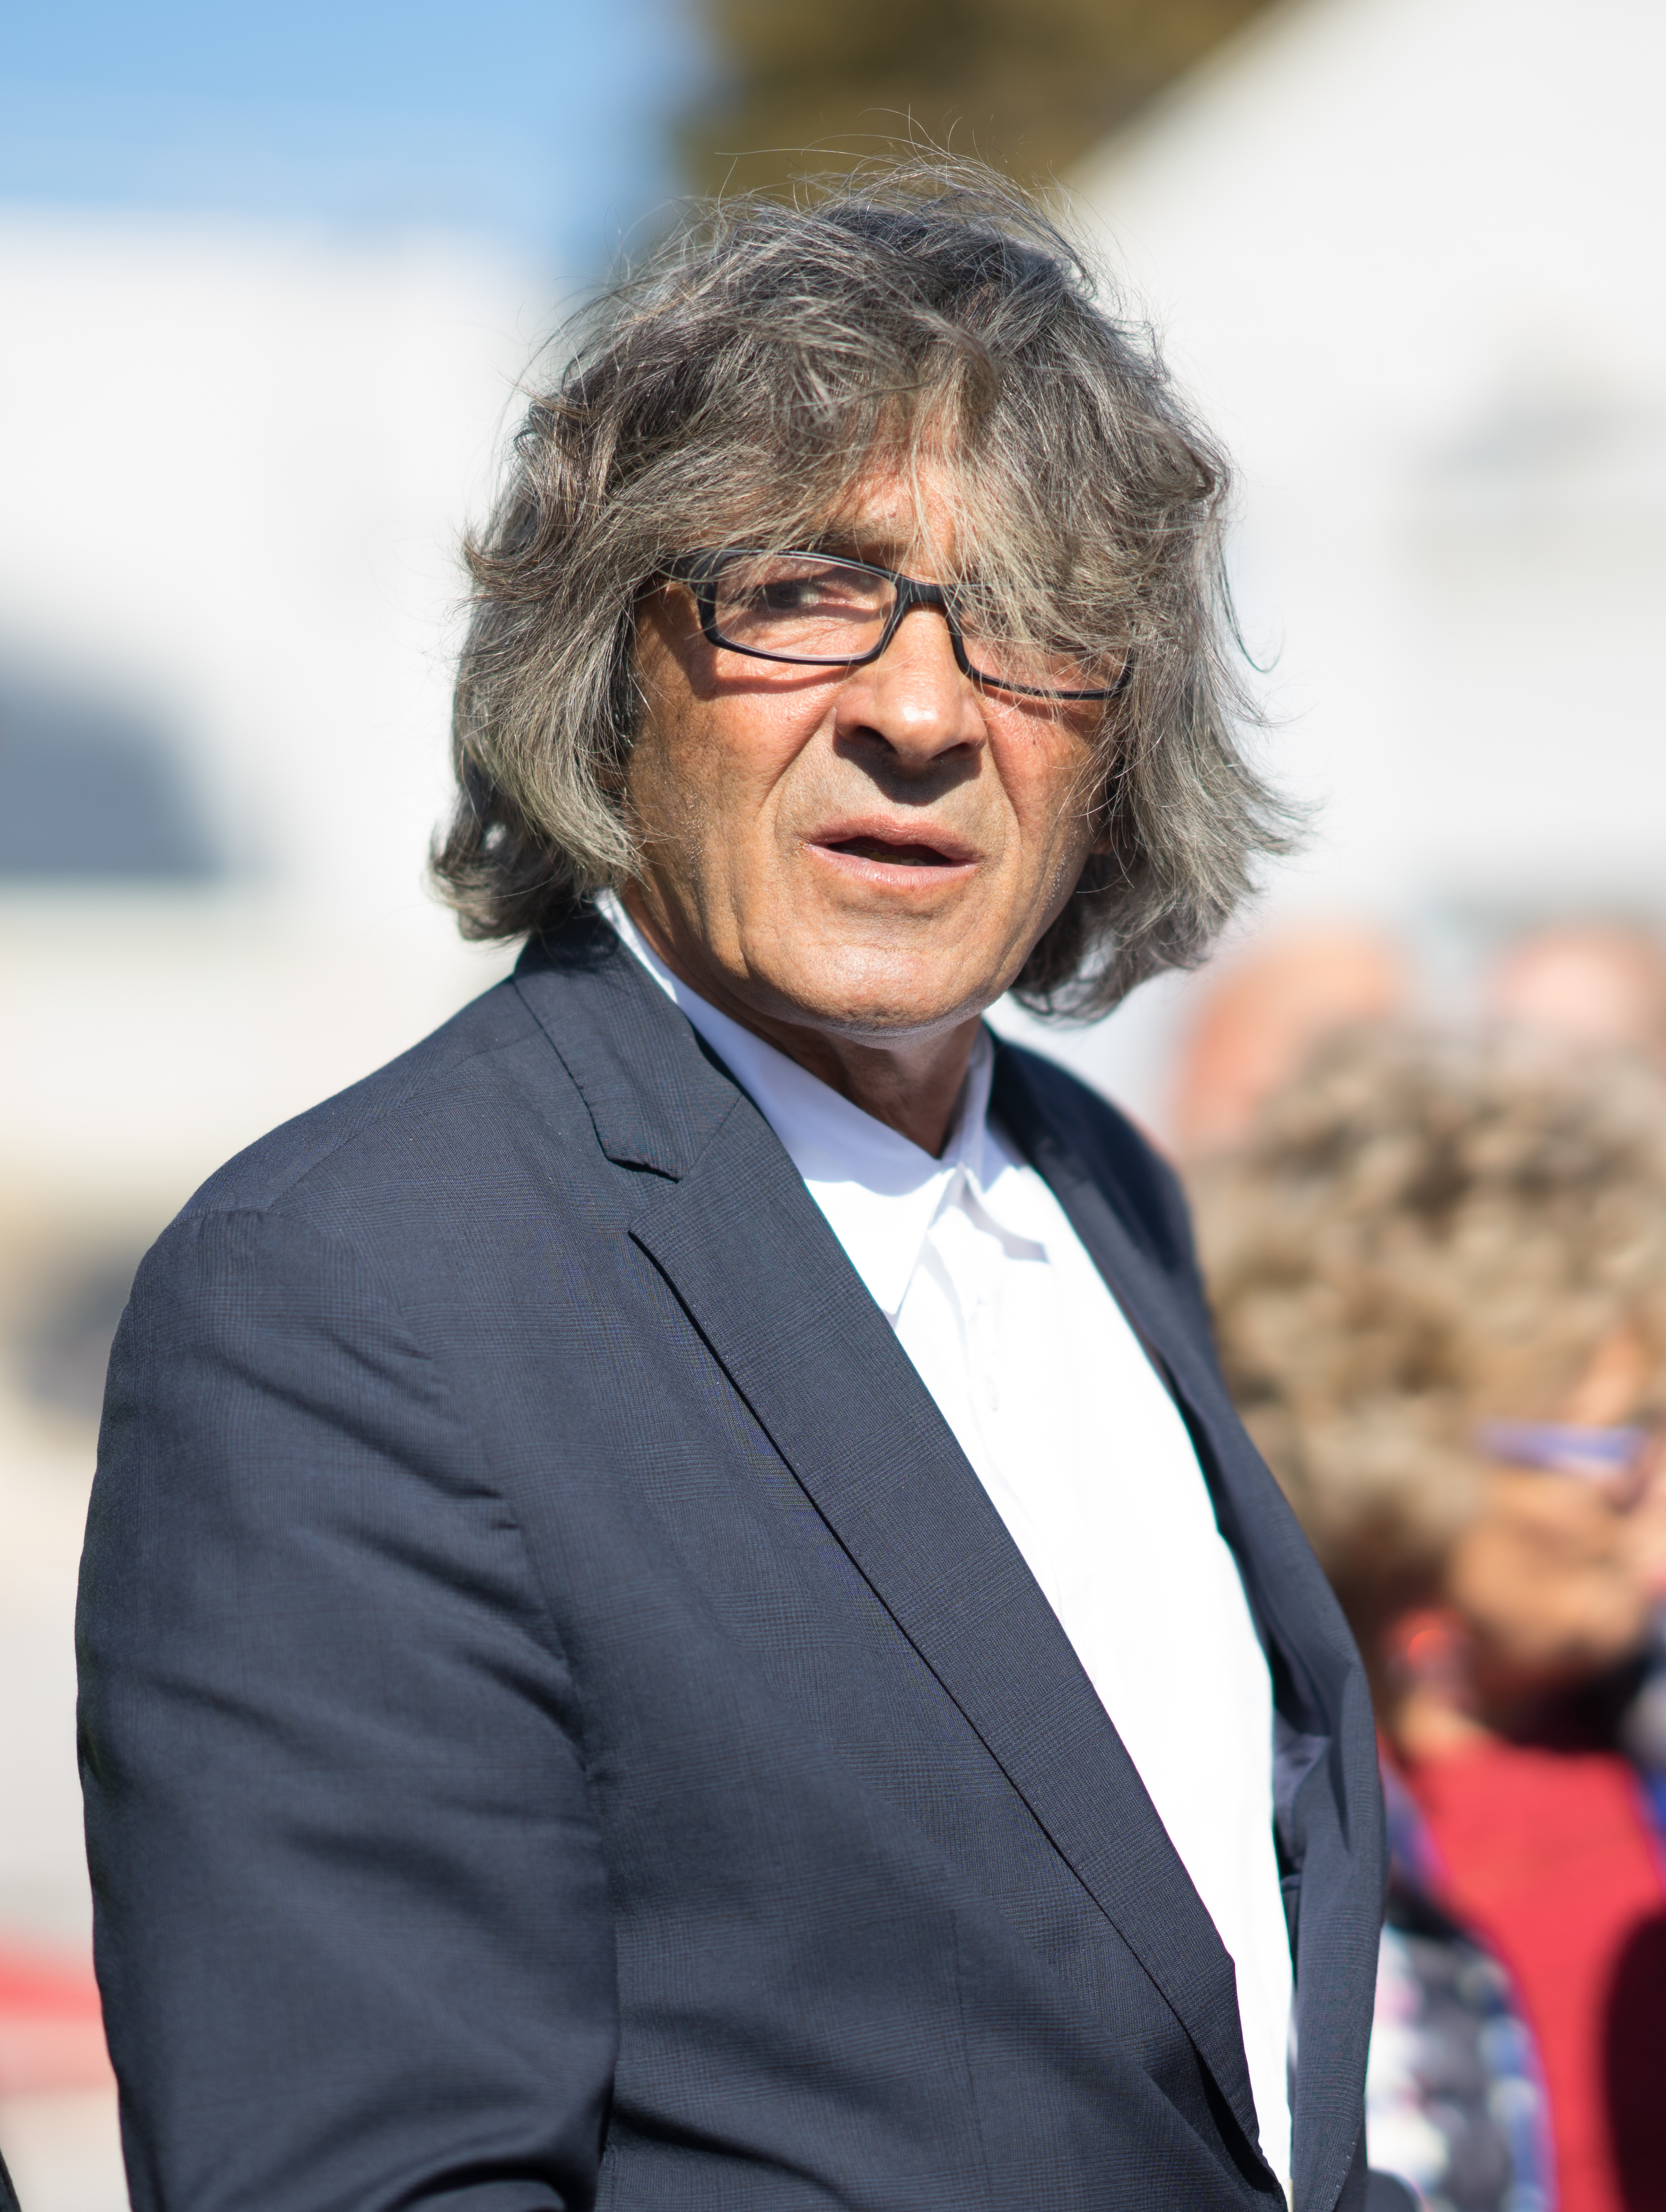 Rudy Ricciotti Wikipedia